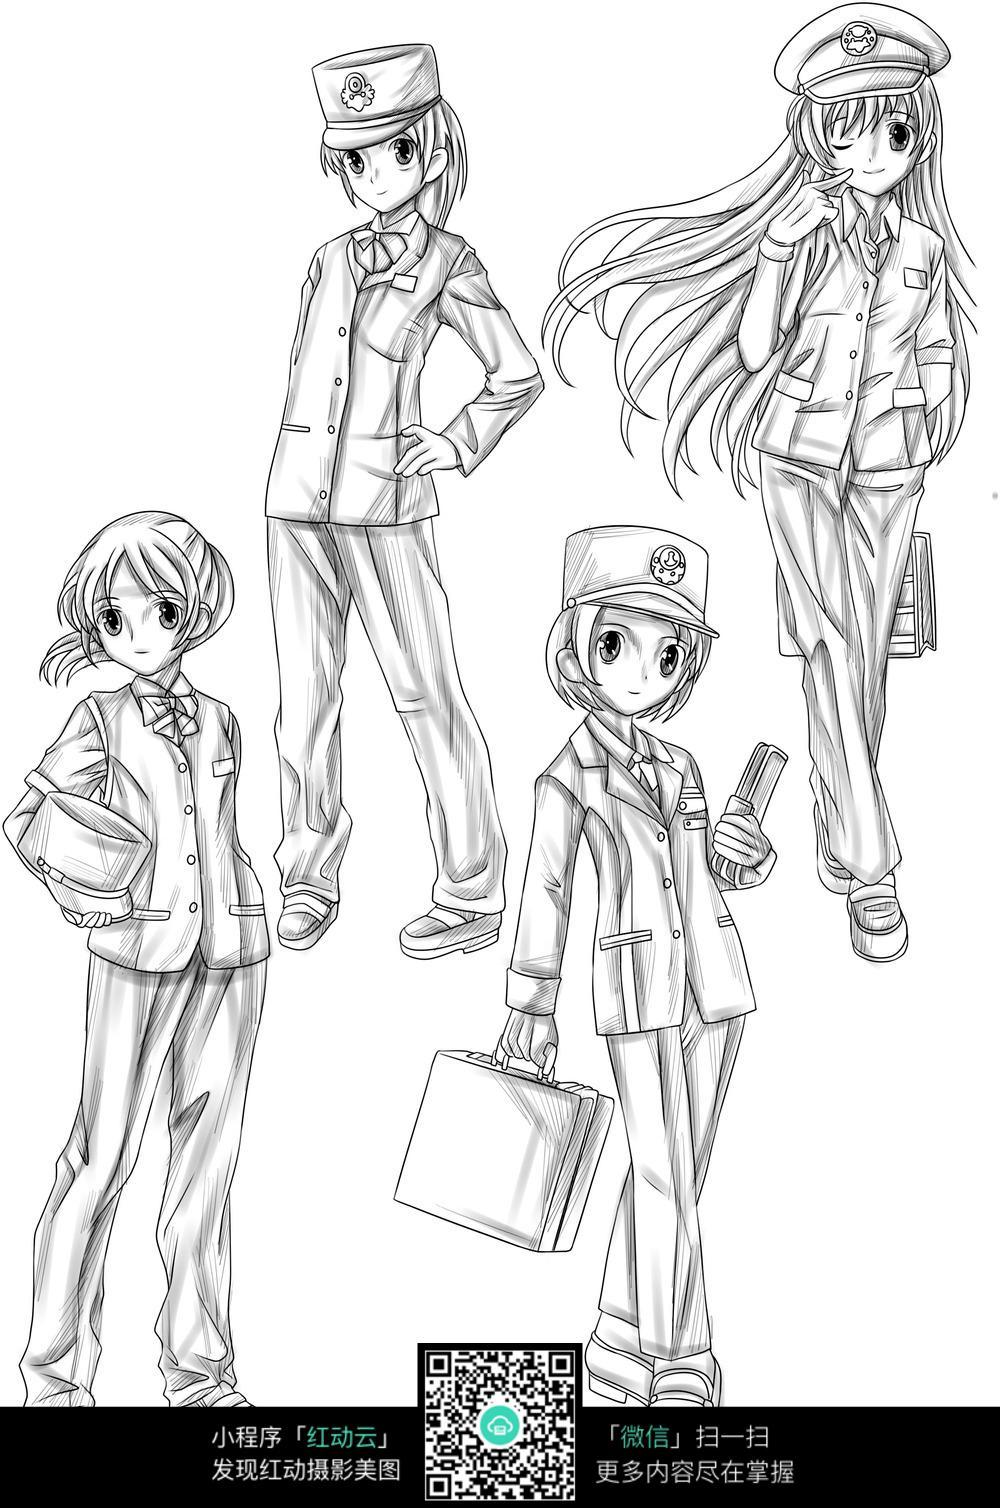 制服女孩卡通手绘线稿_人物卡通图片